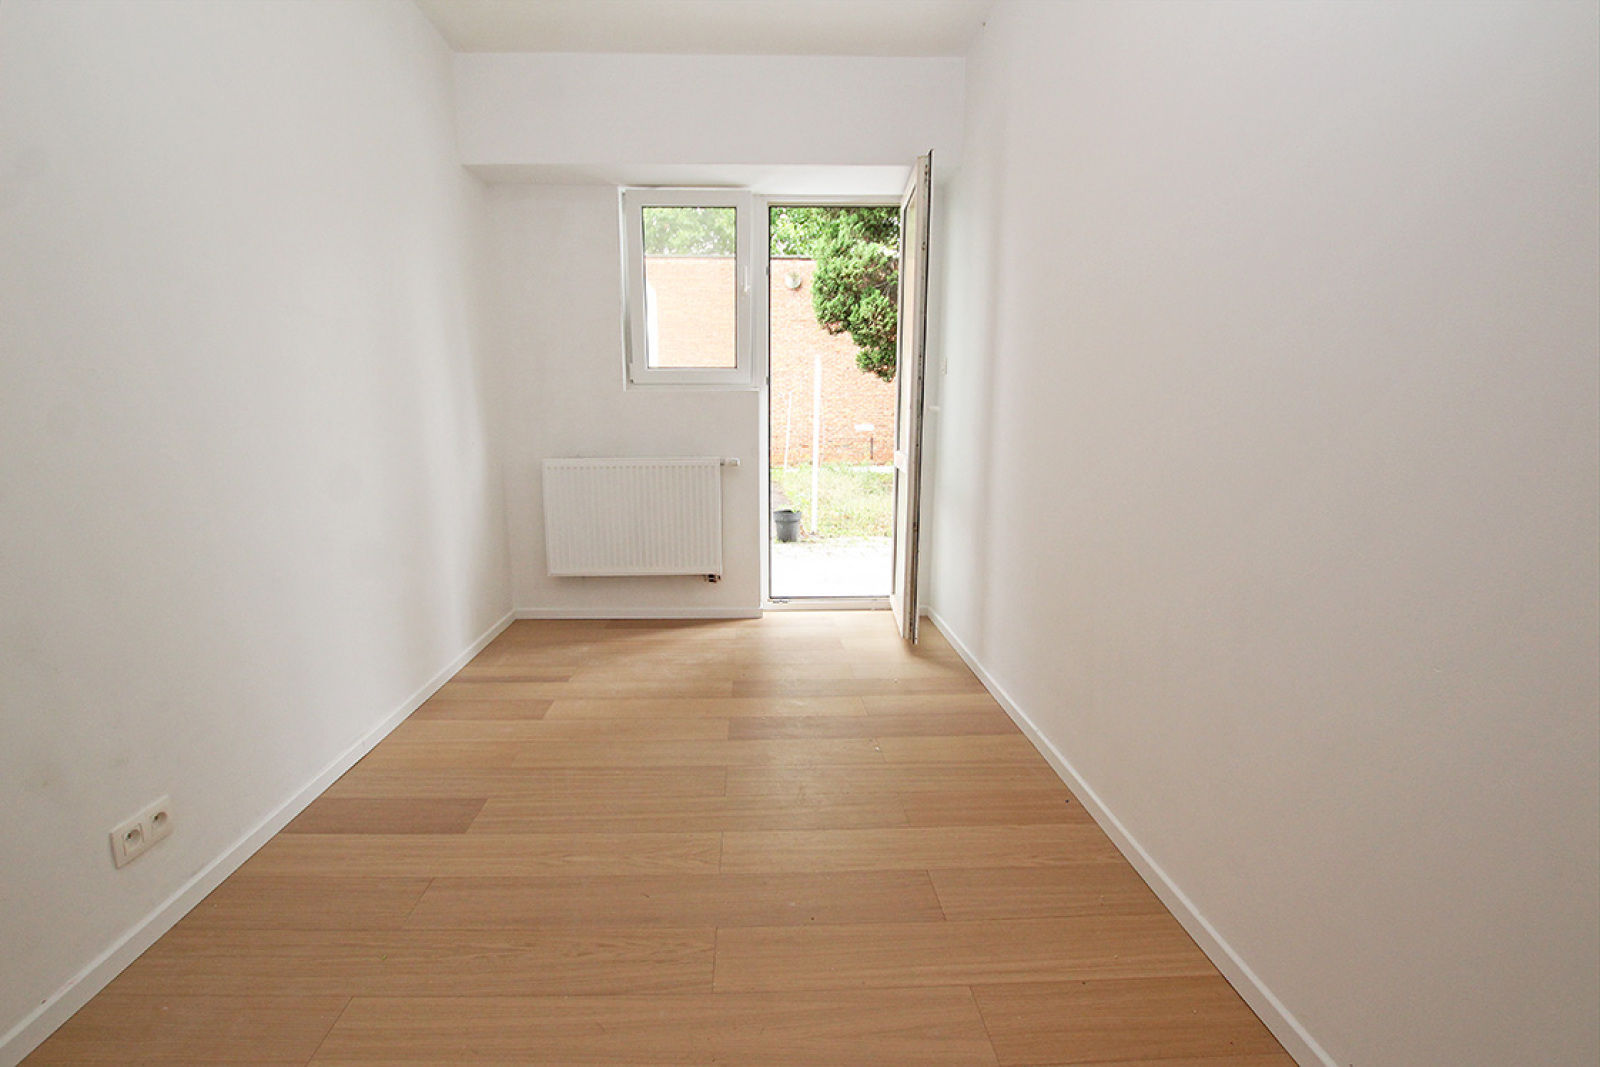 Instapklaar gelijkvloersappartement op centrale locatie te Merksem! afbeelding 6